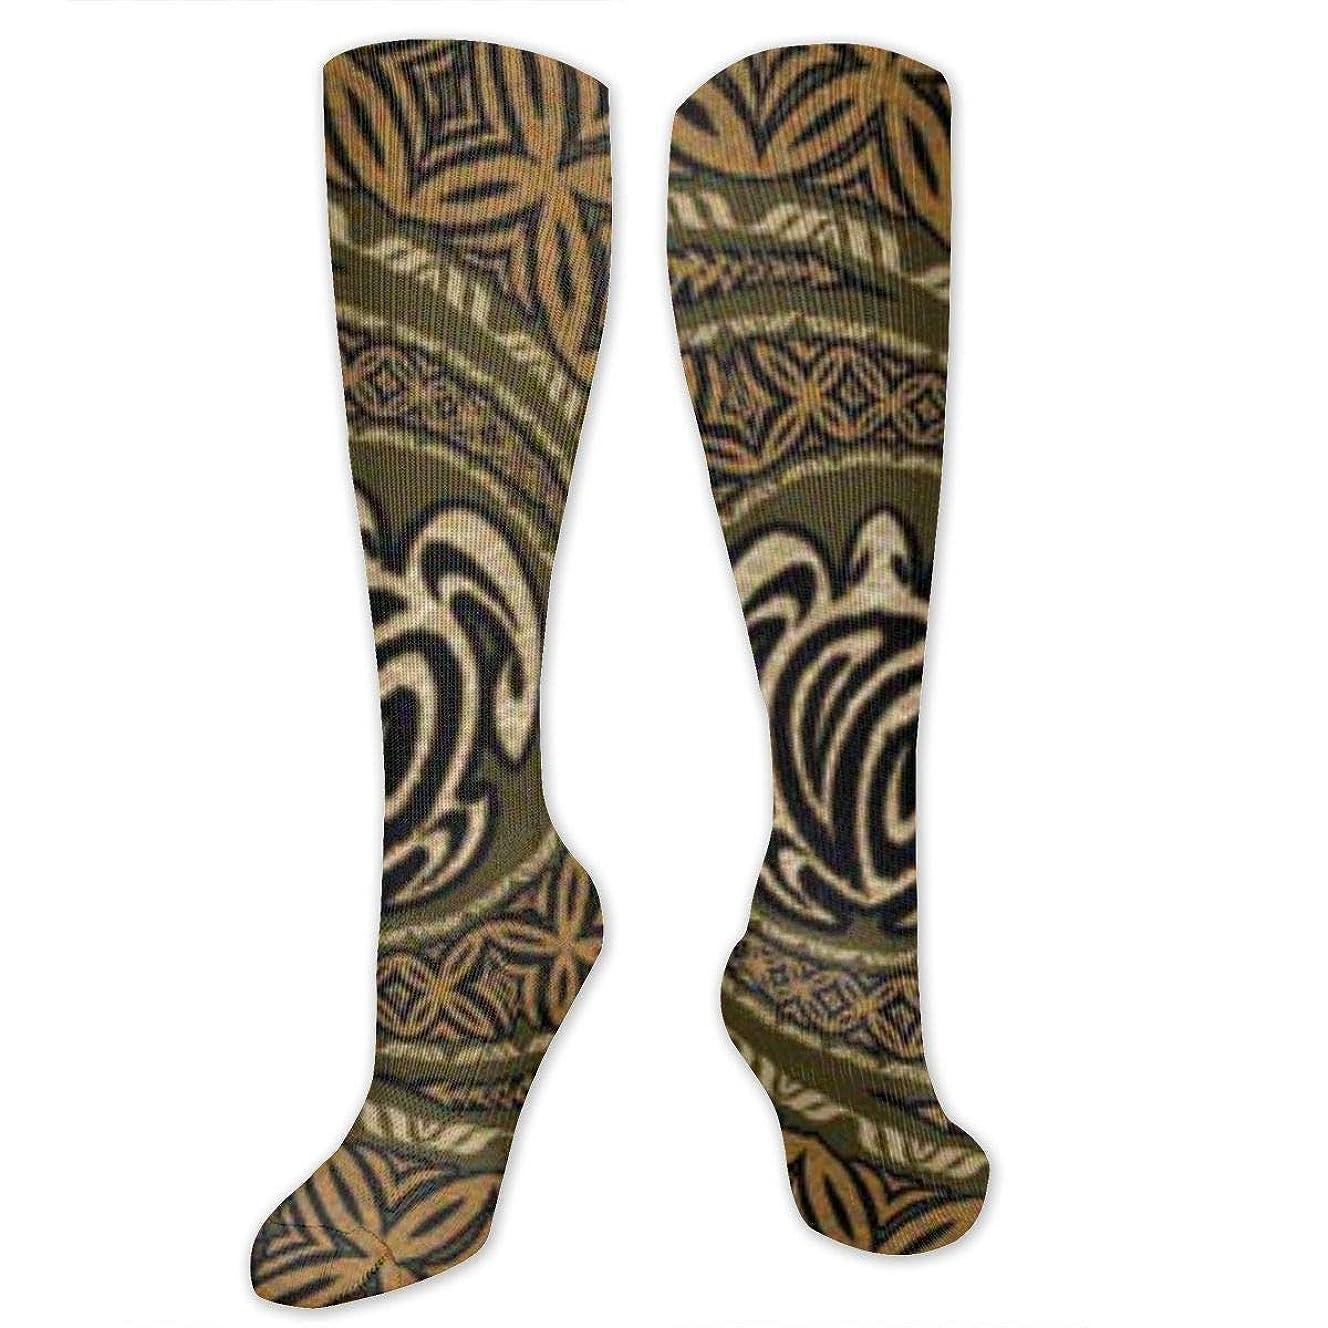 アンケート狭いクスコ靴下,ストッキング,野生のジョーカー,実際,秋の本質,冬必須,サマーウェア&RBXAA Tapa Honu Turtle Deluxe Socks Women's Winter Cotton Long Tube Socks Knee High Graduated Compression Socks